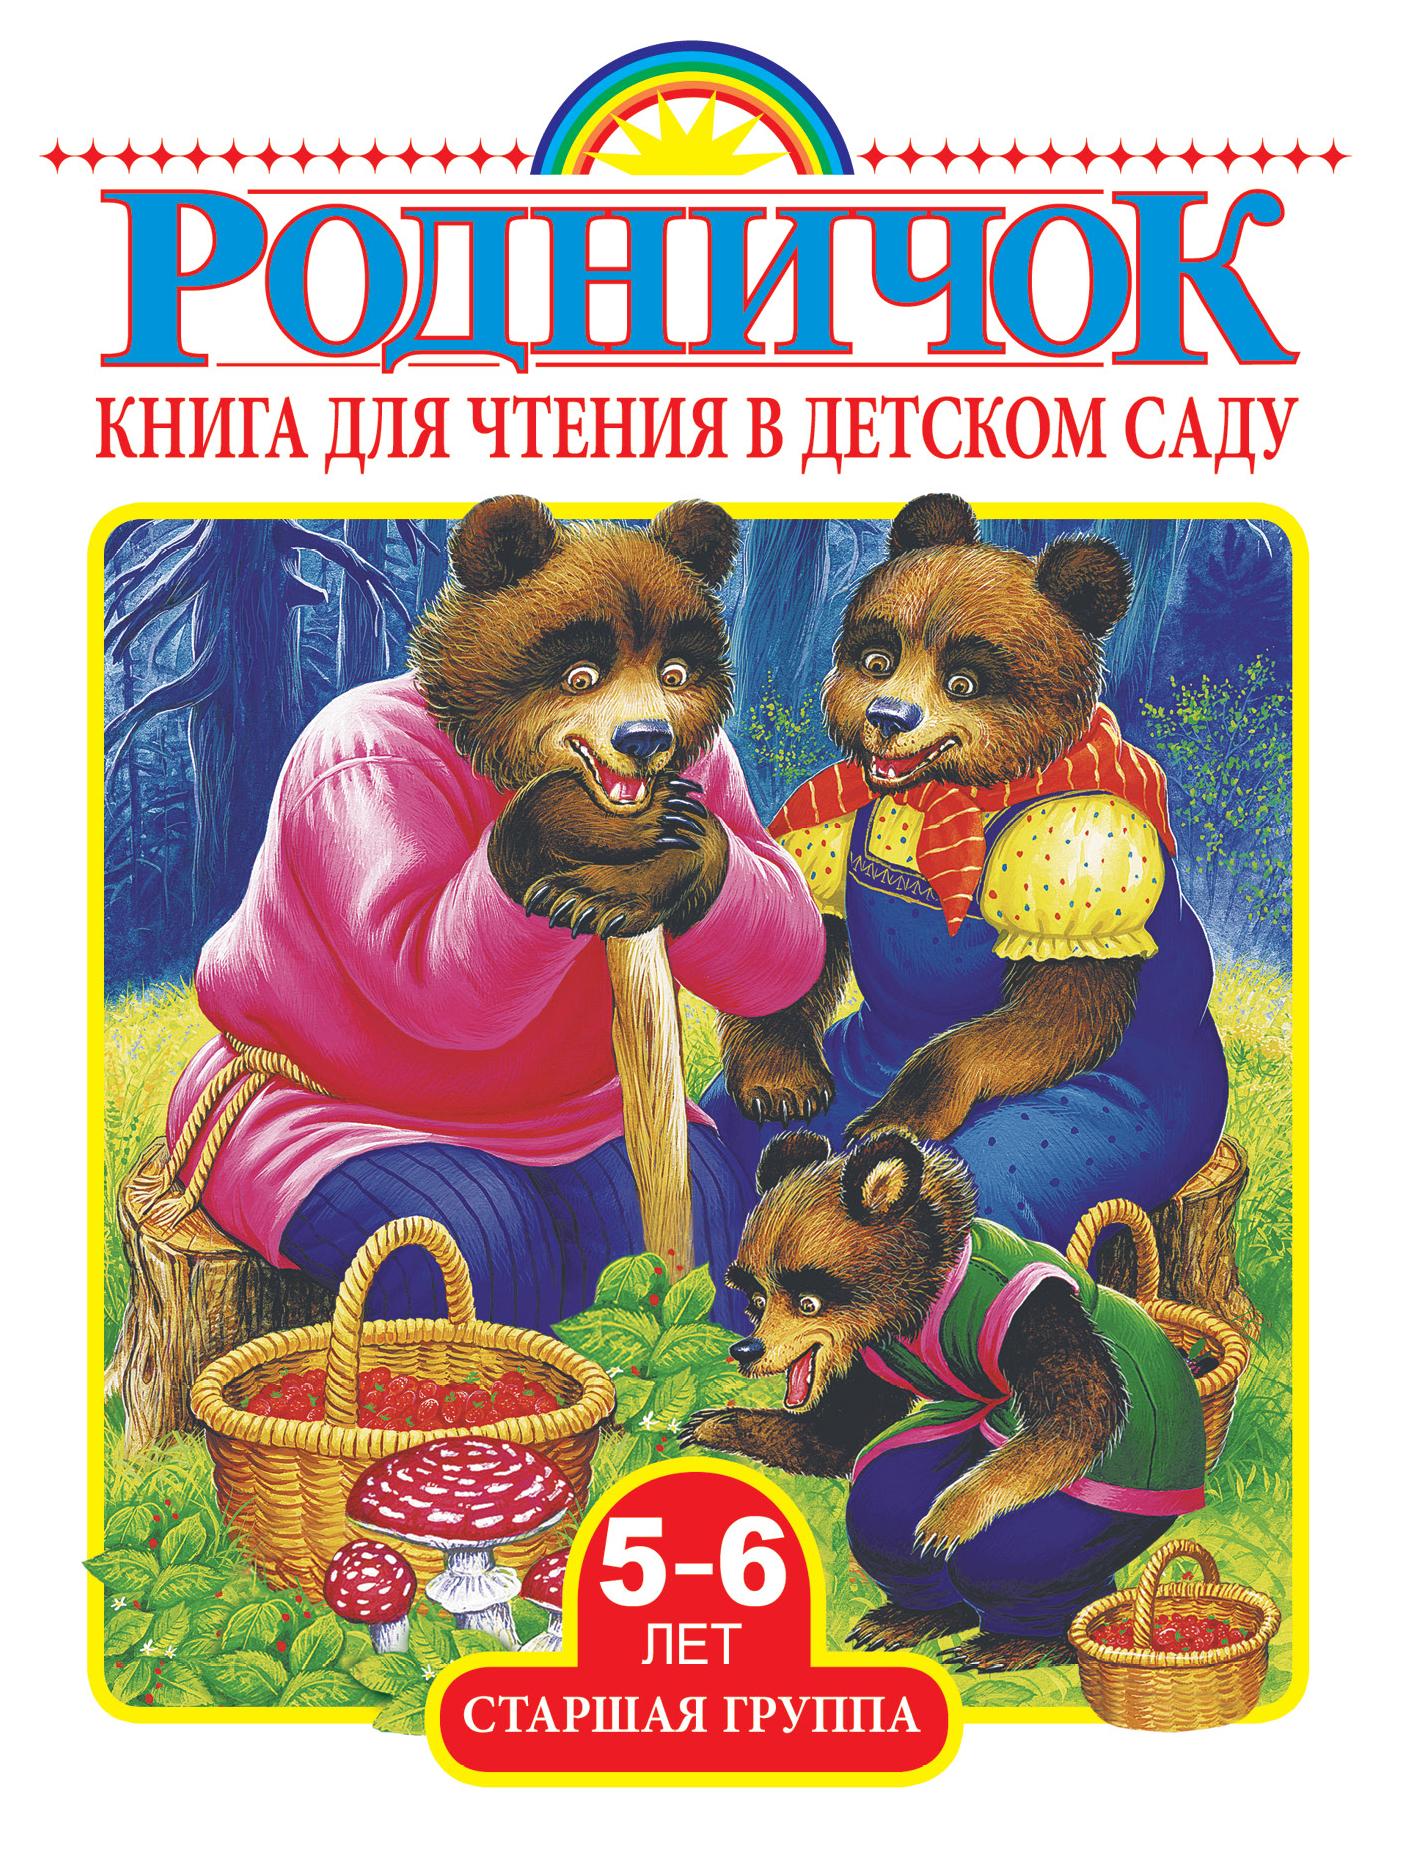 . Книга для чтения в детском саду. Старшая группа (5-6 лет) издательство аст книга для чтения в детском саду младшая группа 3 4 года